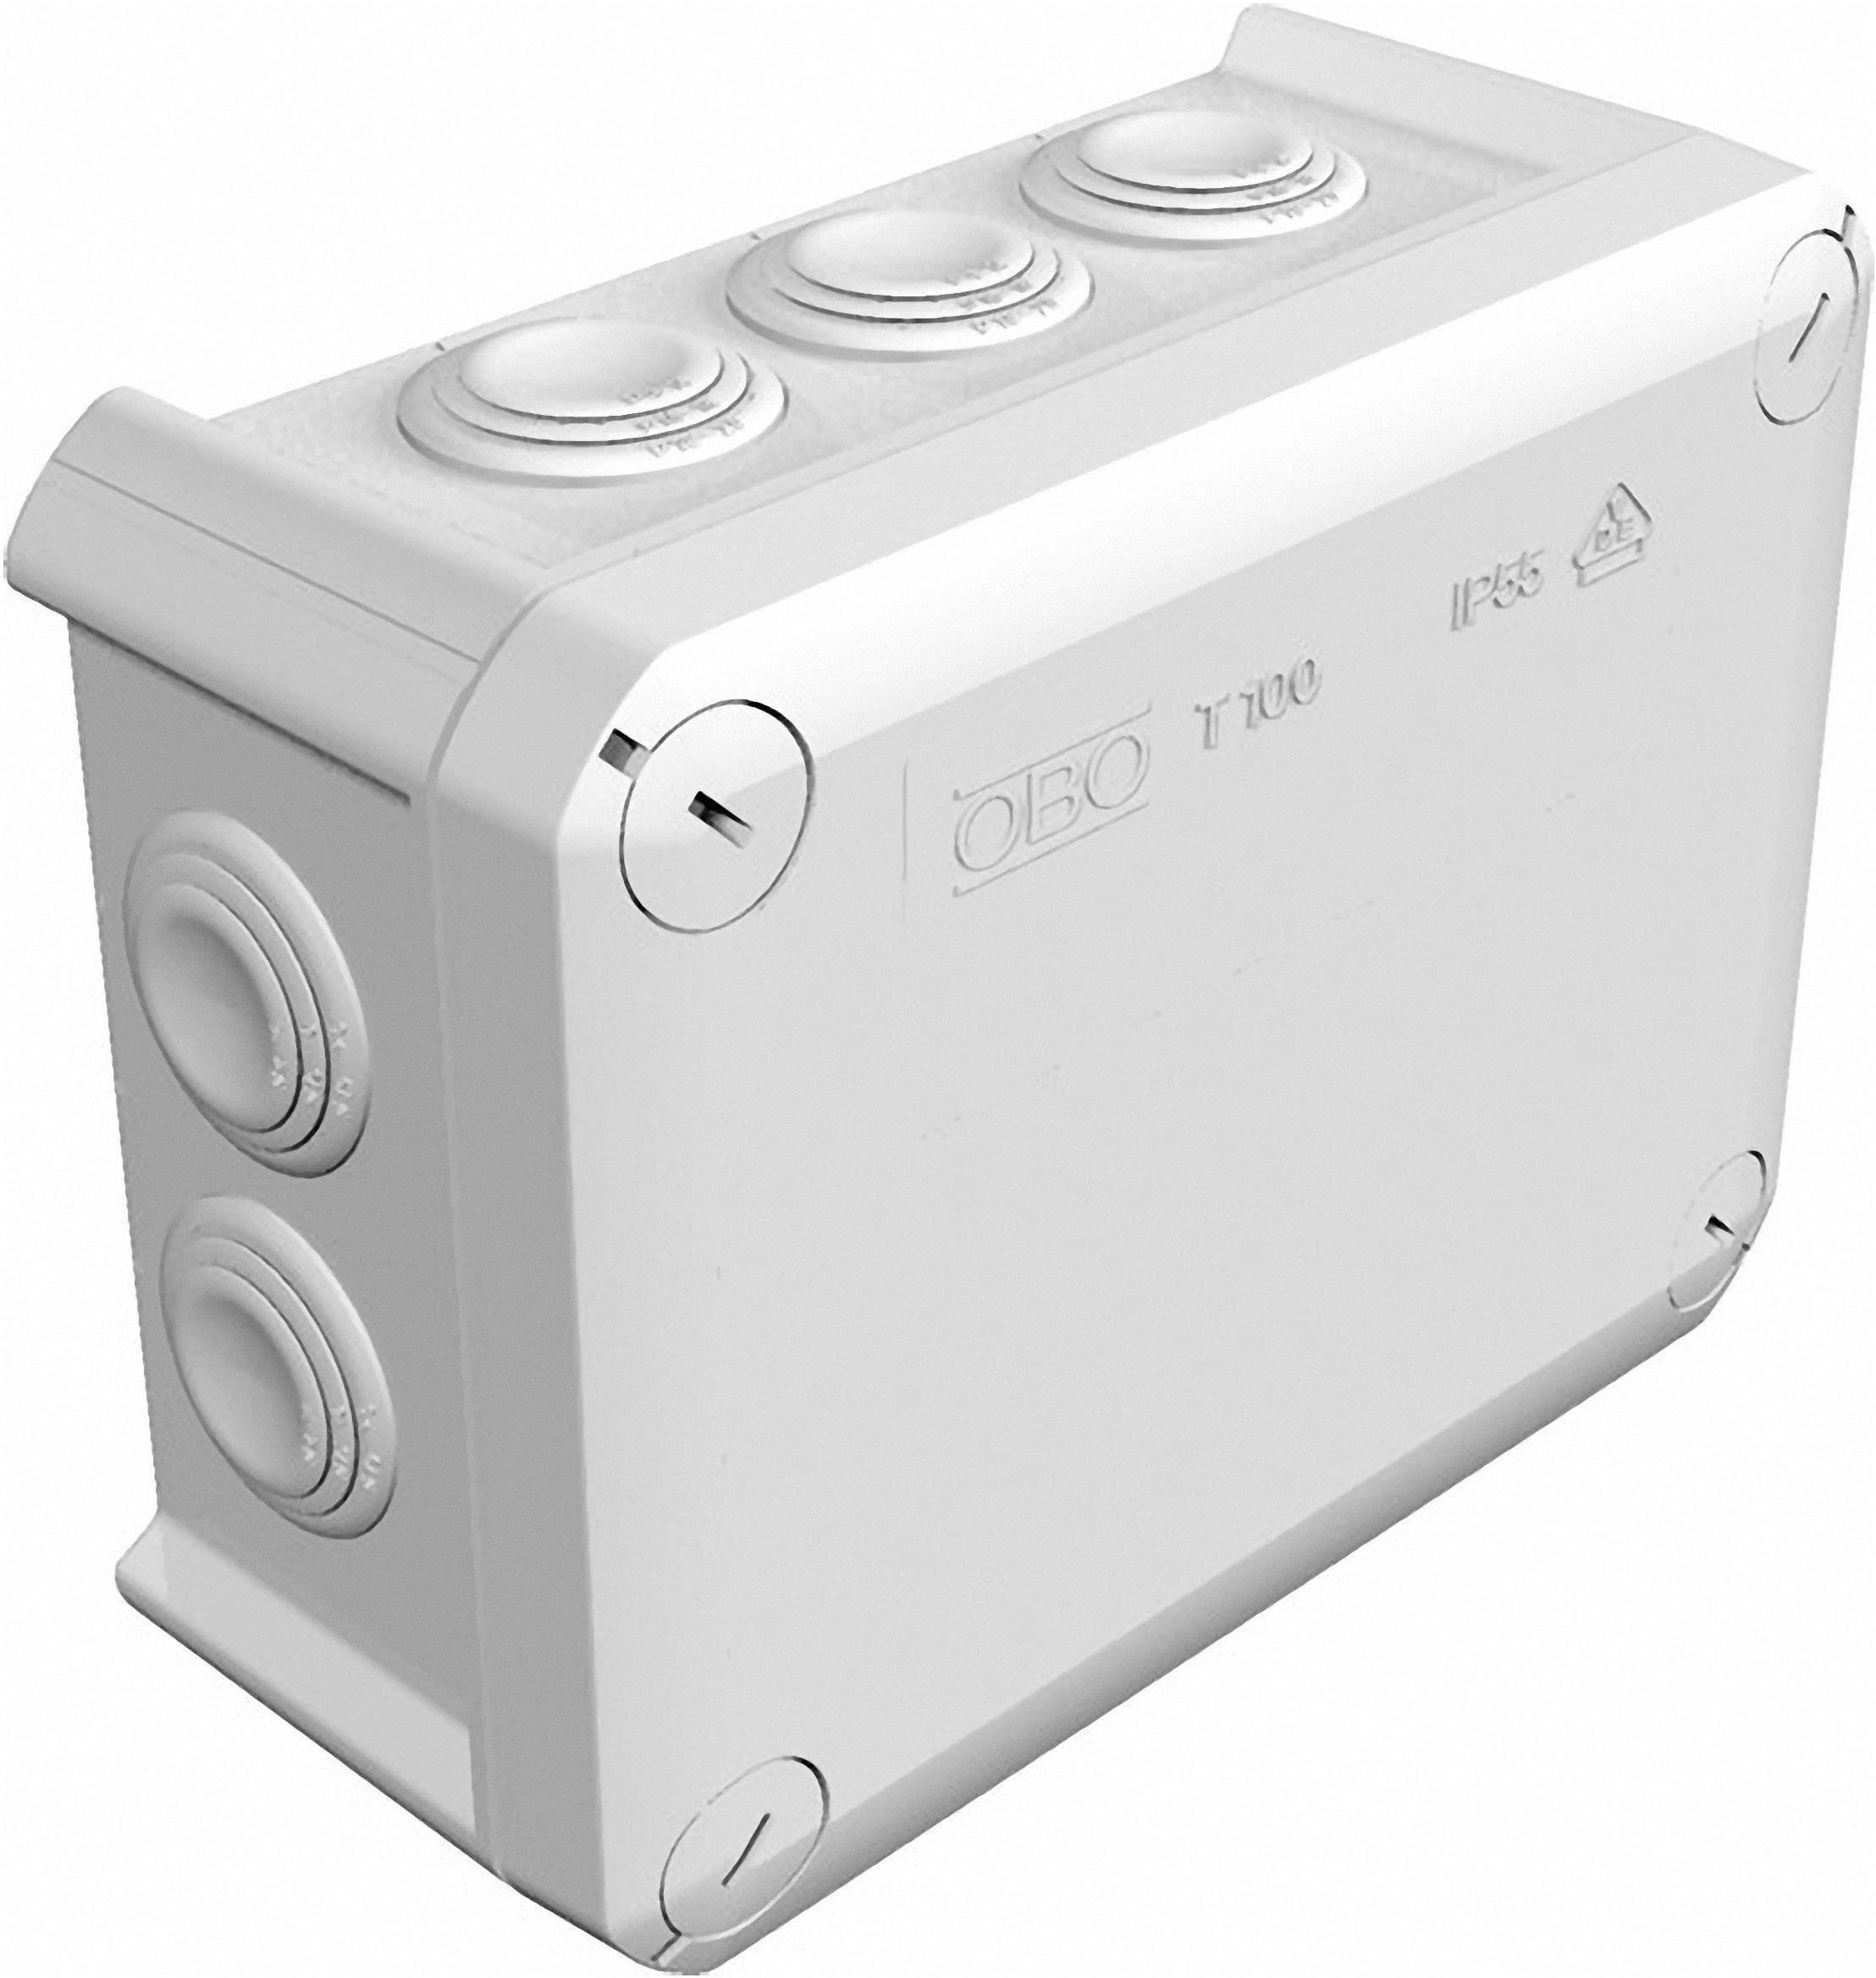 Rozbočovací krabice, OBO Bettermann 2007077, světle šedá